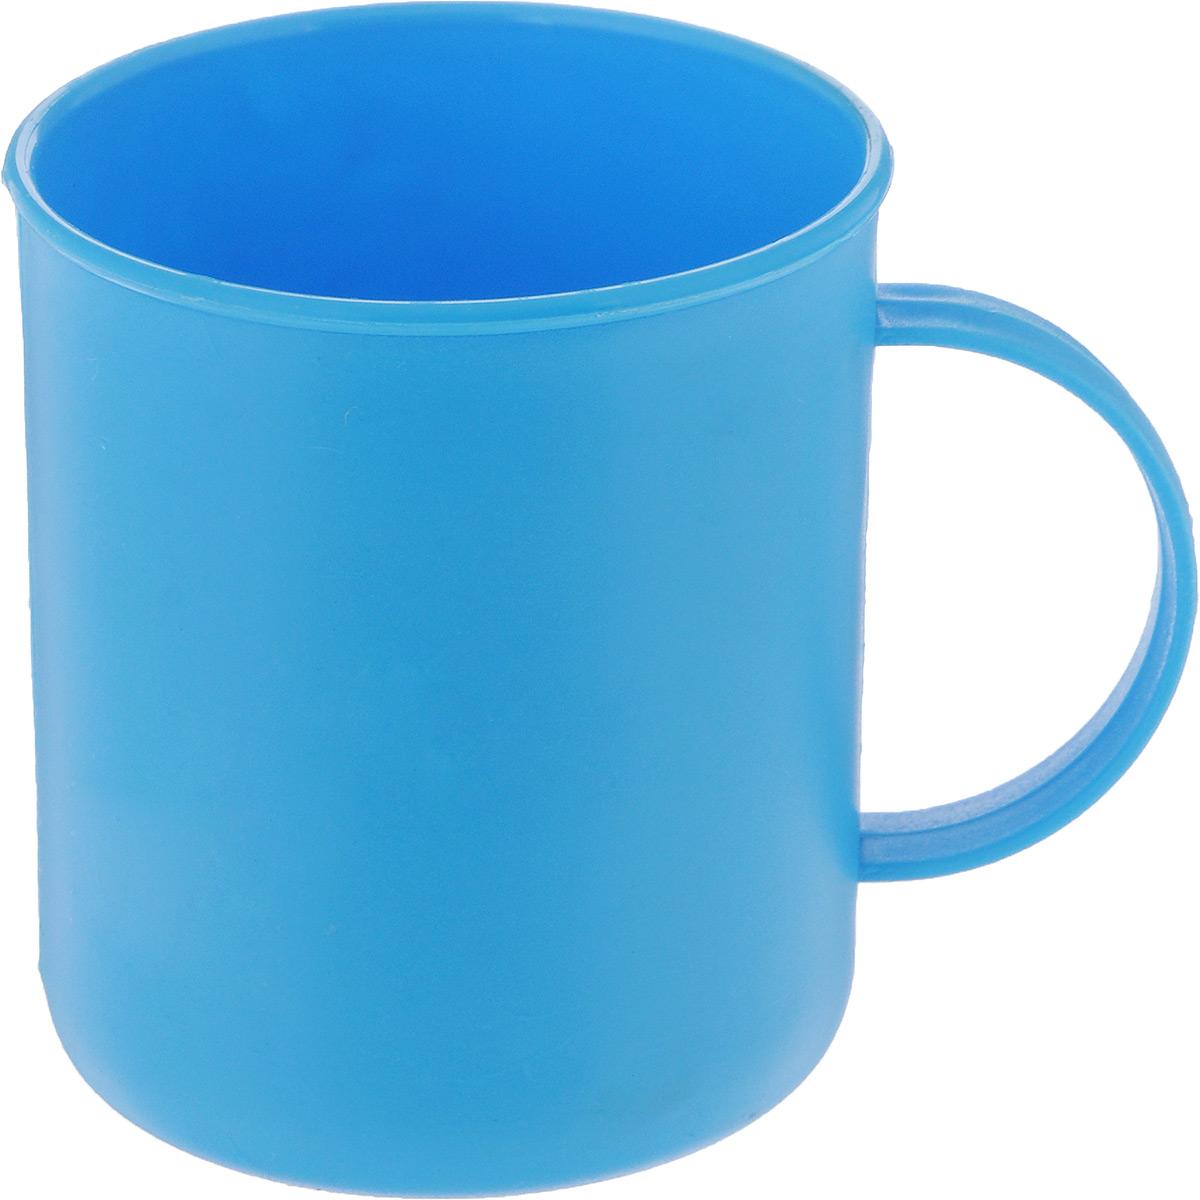 Кружка Gotoff, цвет: голубой, 300 млWTC-121_голубойКружка Gotoff выполнена из прочного пищевого полипропилена. Изделие отлично подойдет как для холодных, так и для горячих напитков. Его удобно использовать дома или на даче, брать с собой на пикники и в поездки. Отличный вариант для детских праздников. Такая кружка не разобьется и будет служить вам долгое время. Диаметр кружки (по верхнему краю): 7,5 см.Высота кружки: 8,5 см.